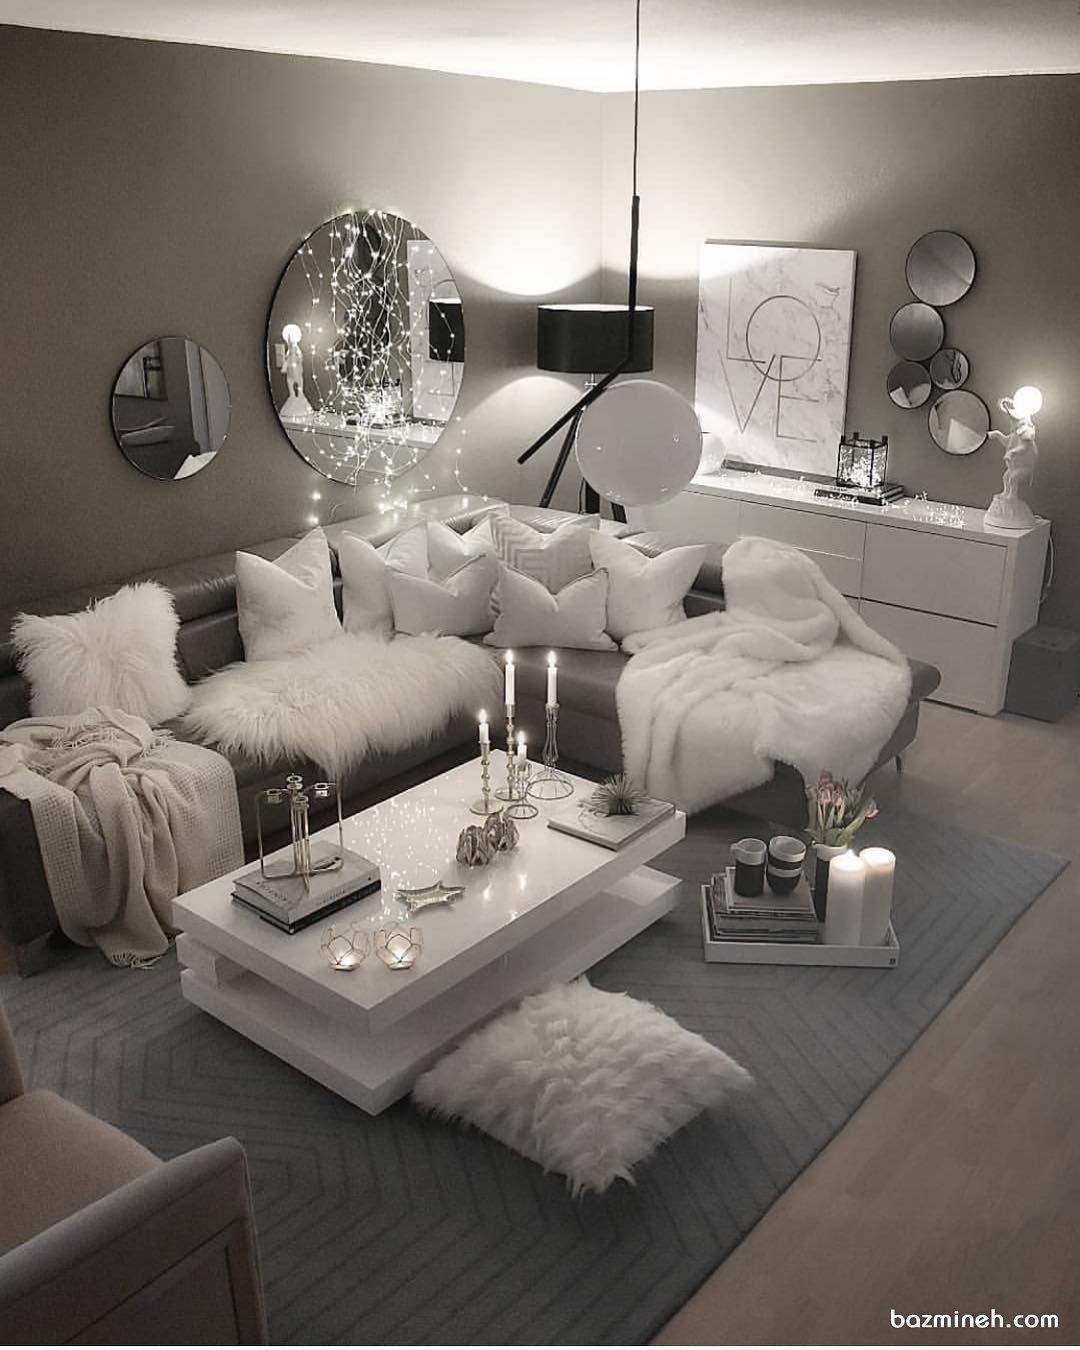 ایده دکوراسیون مدرن خانه نوعروس با تم سفید طوسی با نورپردازی حرفهای